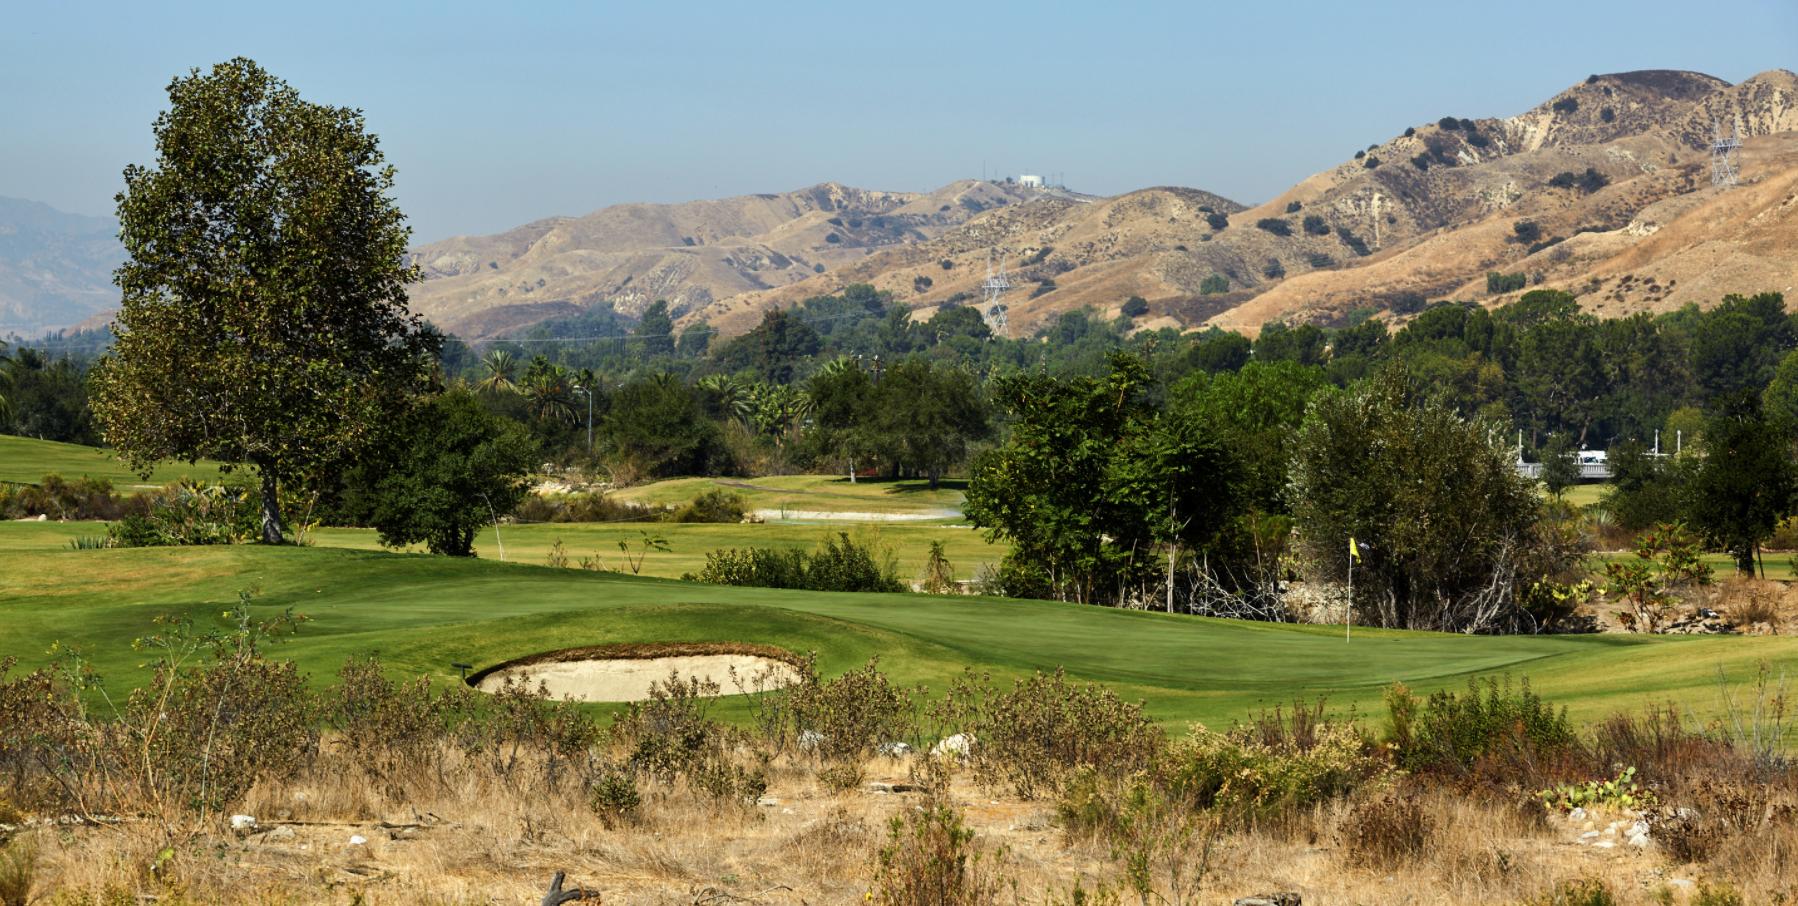 Los Angeles golf course